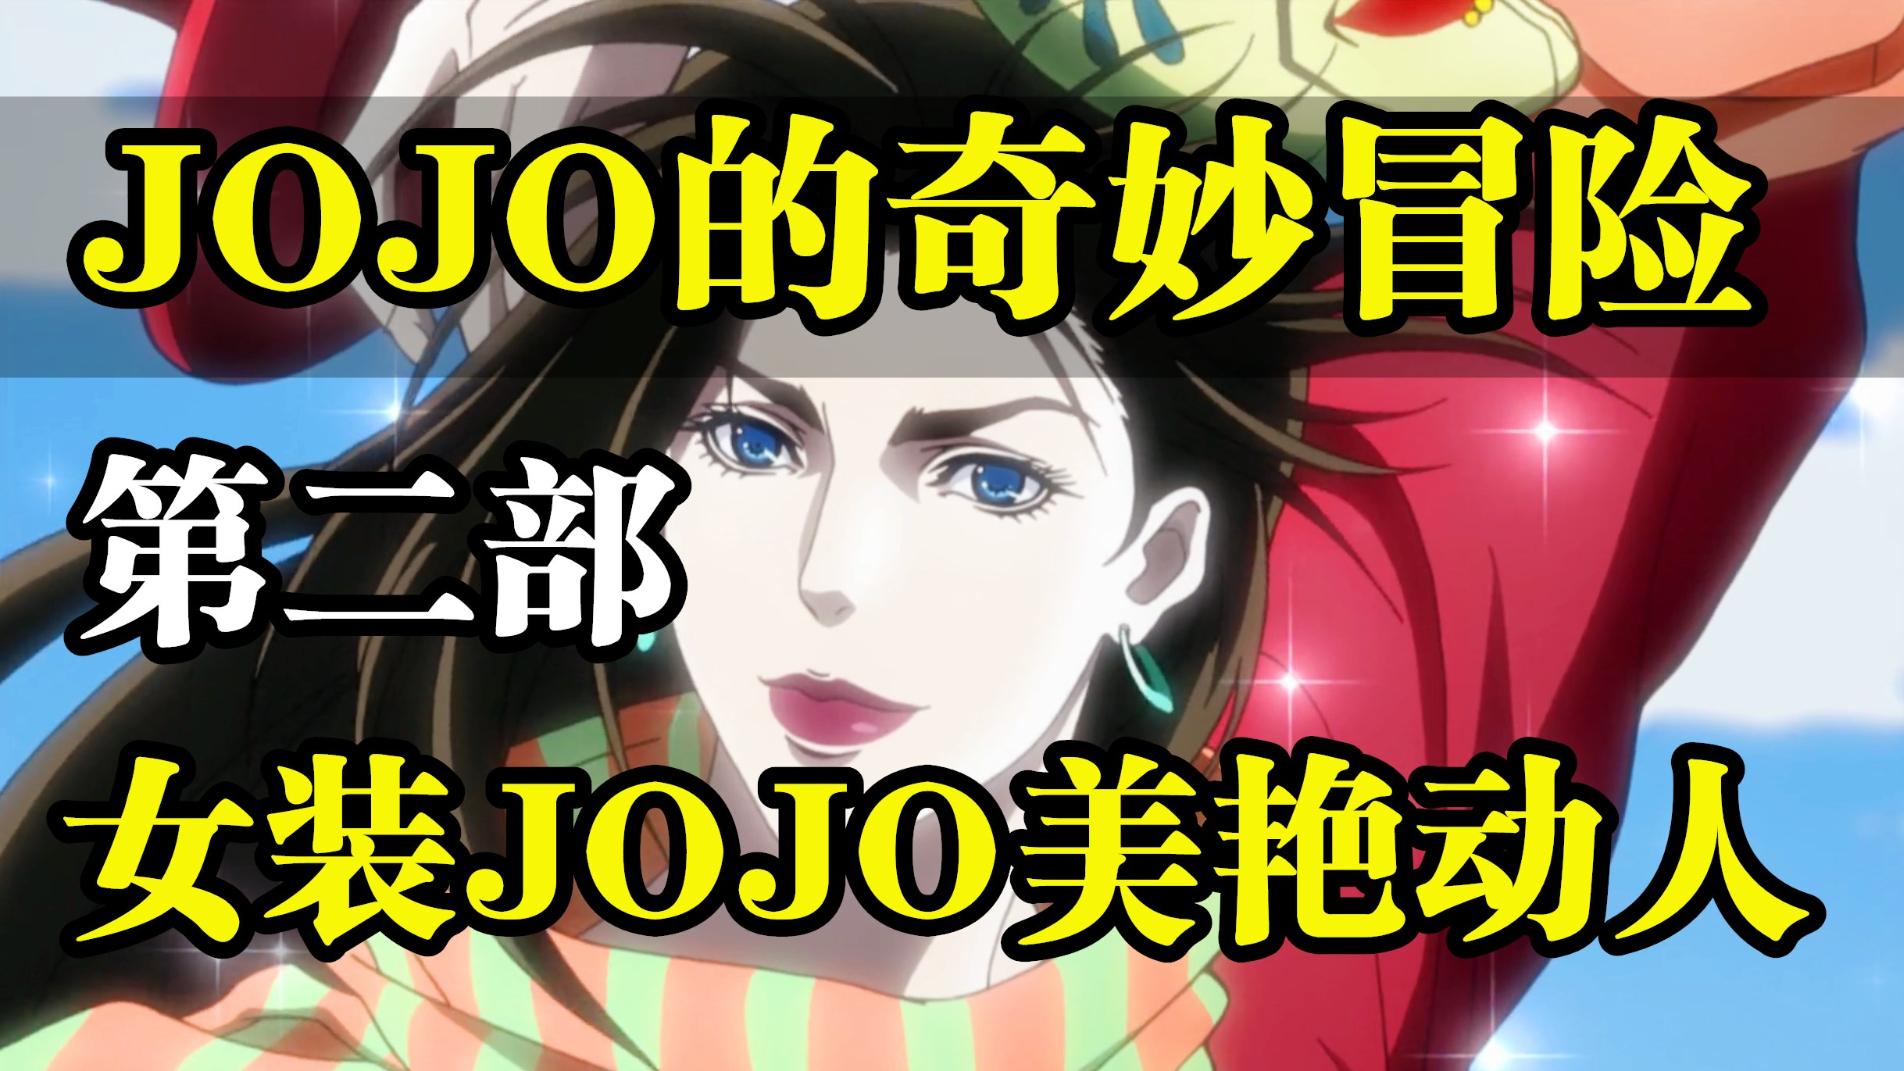 《JOJO的奇妙冒险》第二部剧情解说!西~撒~!